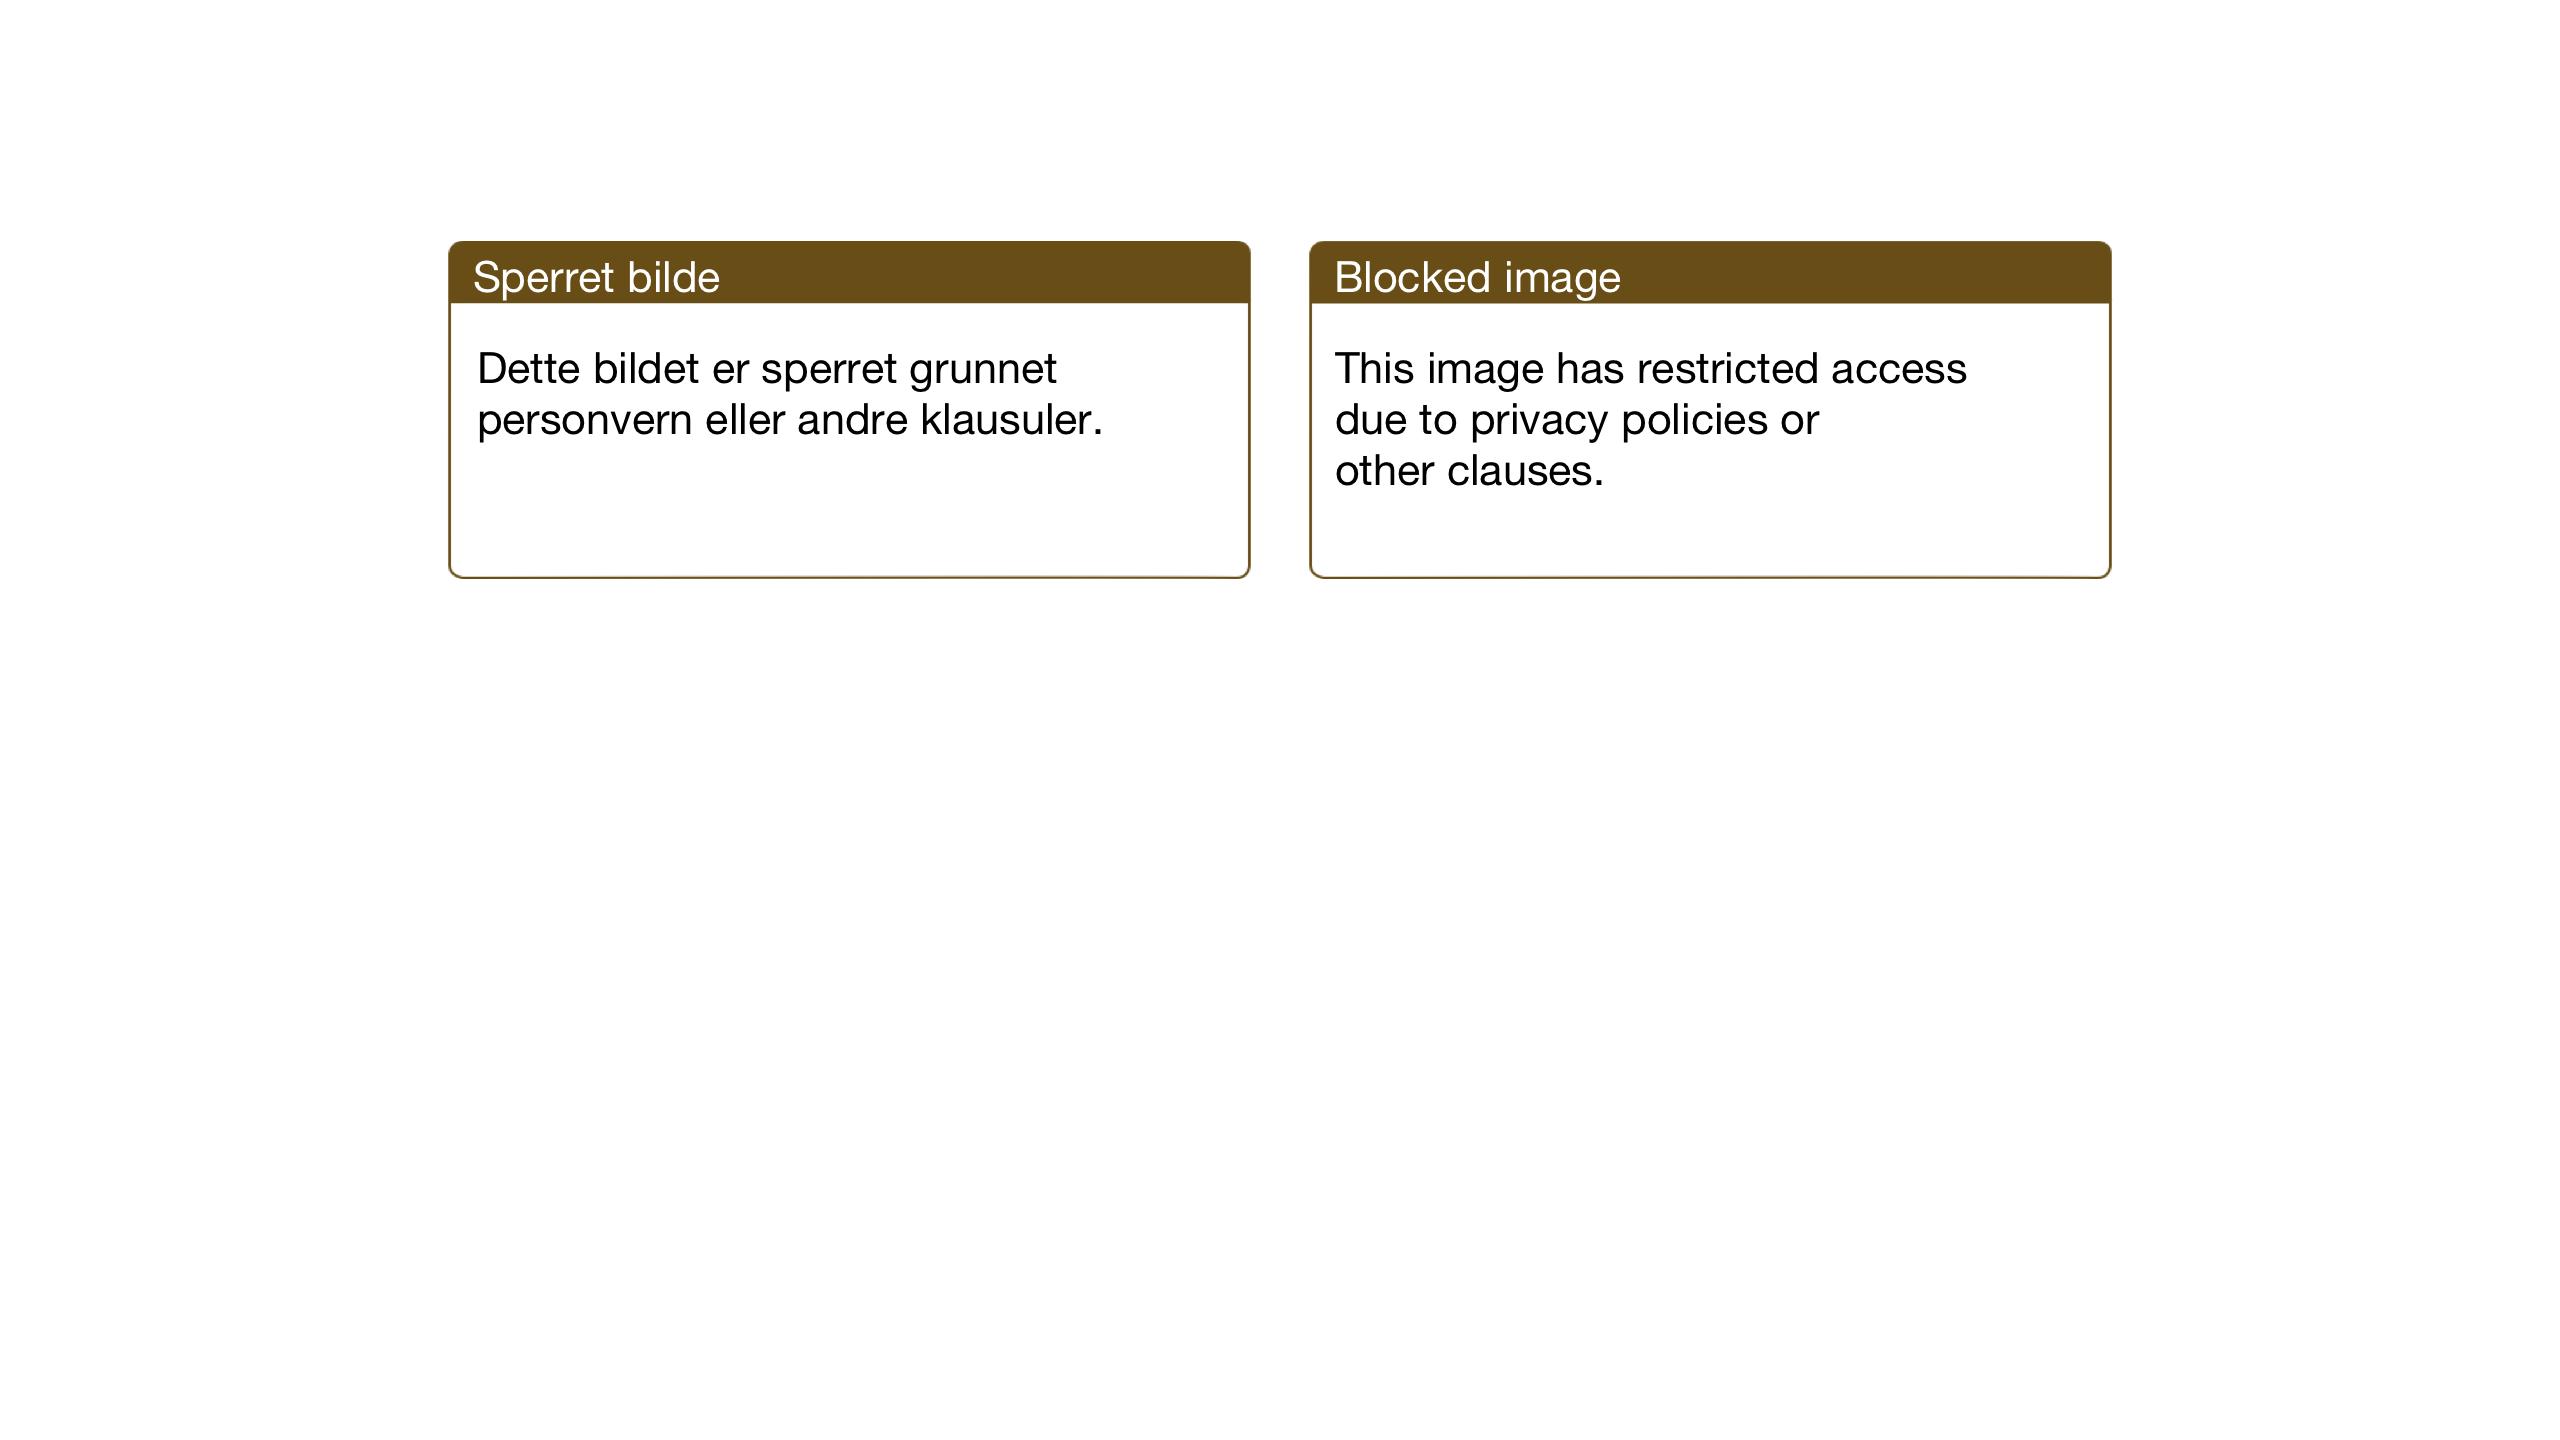 SAT, Ministerialprotokoller, klokkerbøker og fødselsregistre - Nord-Trøndelag, 768/L0583: Klokkerbok nr. 768C01, 1928-1953, s. 94